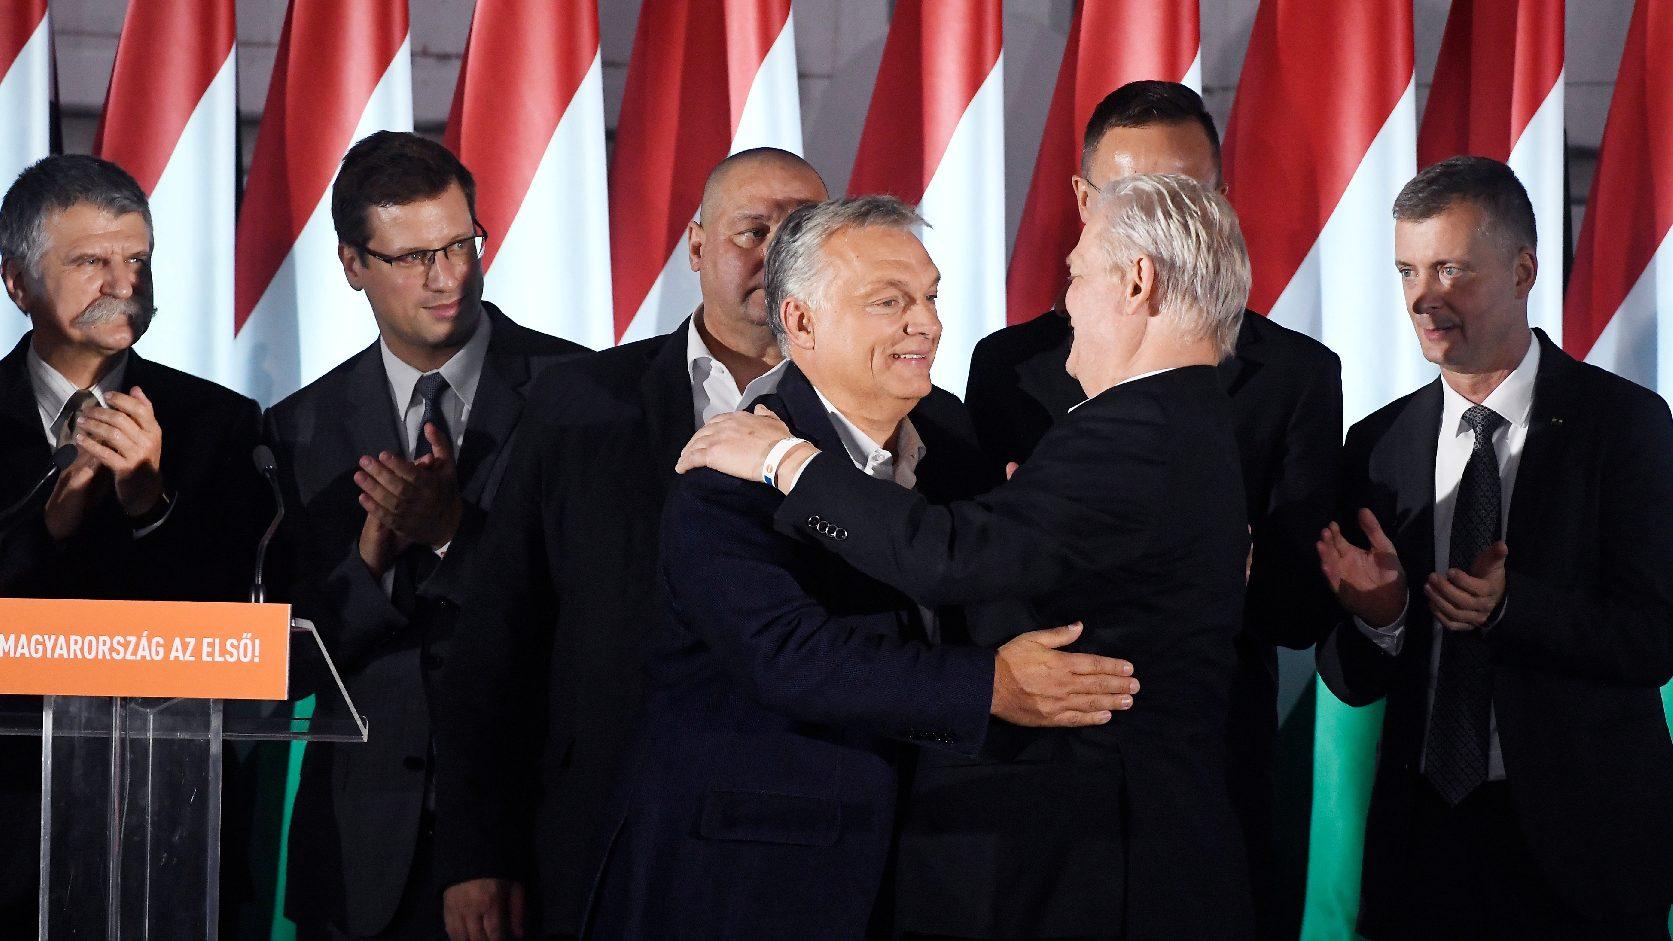 Nézőpont: Közel kétharmaddal nyert volna a Fidesz